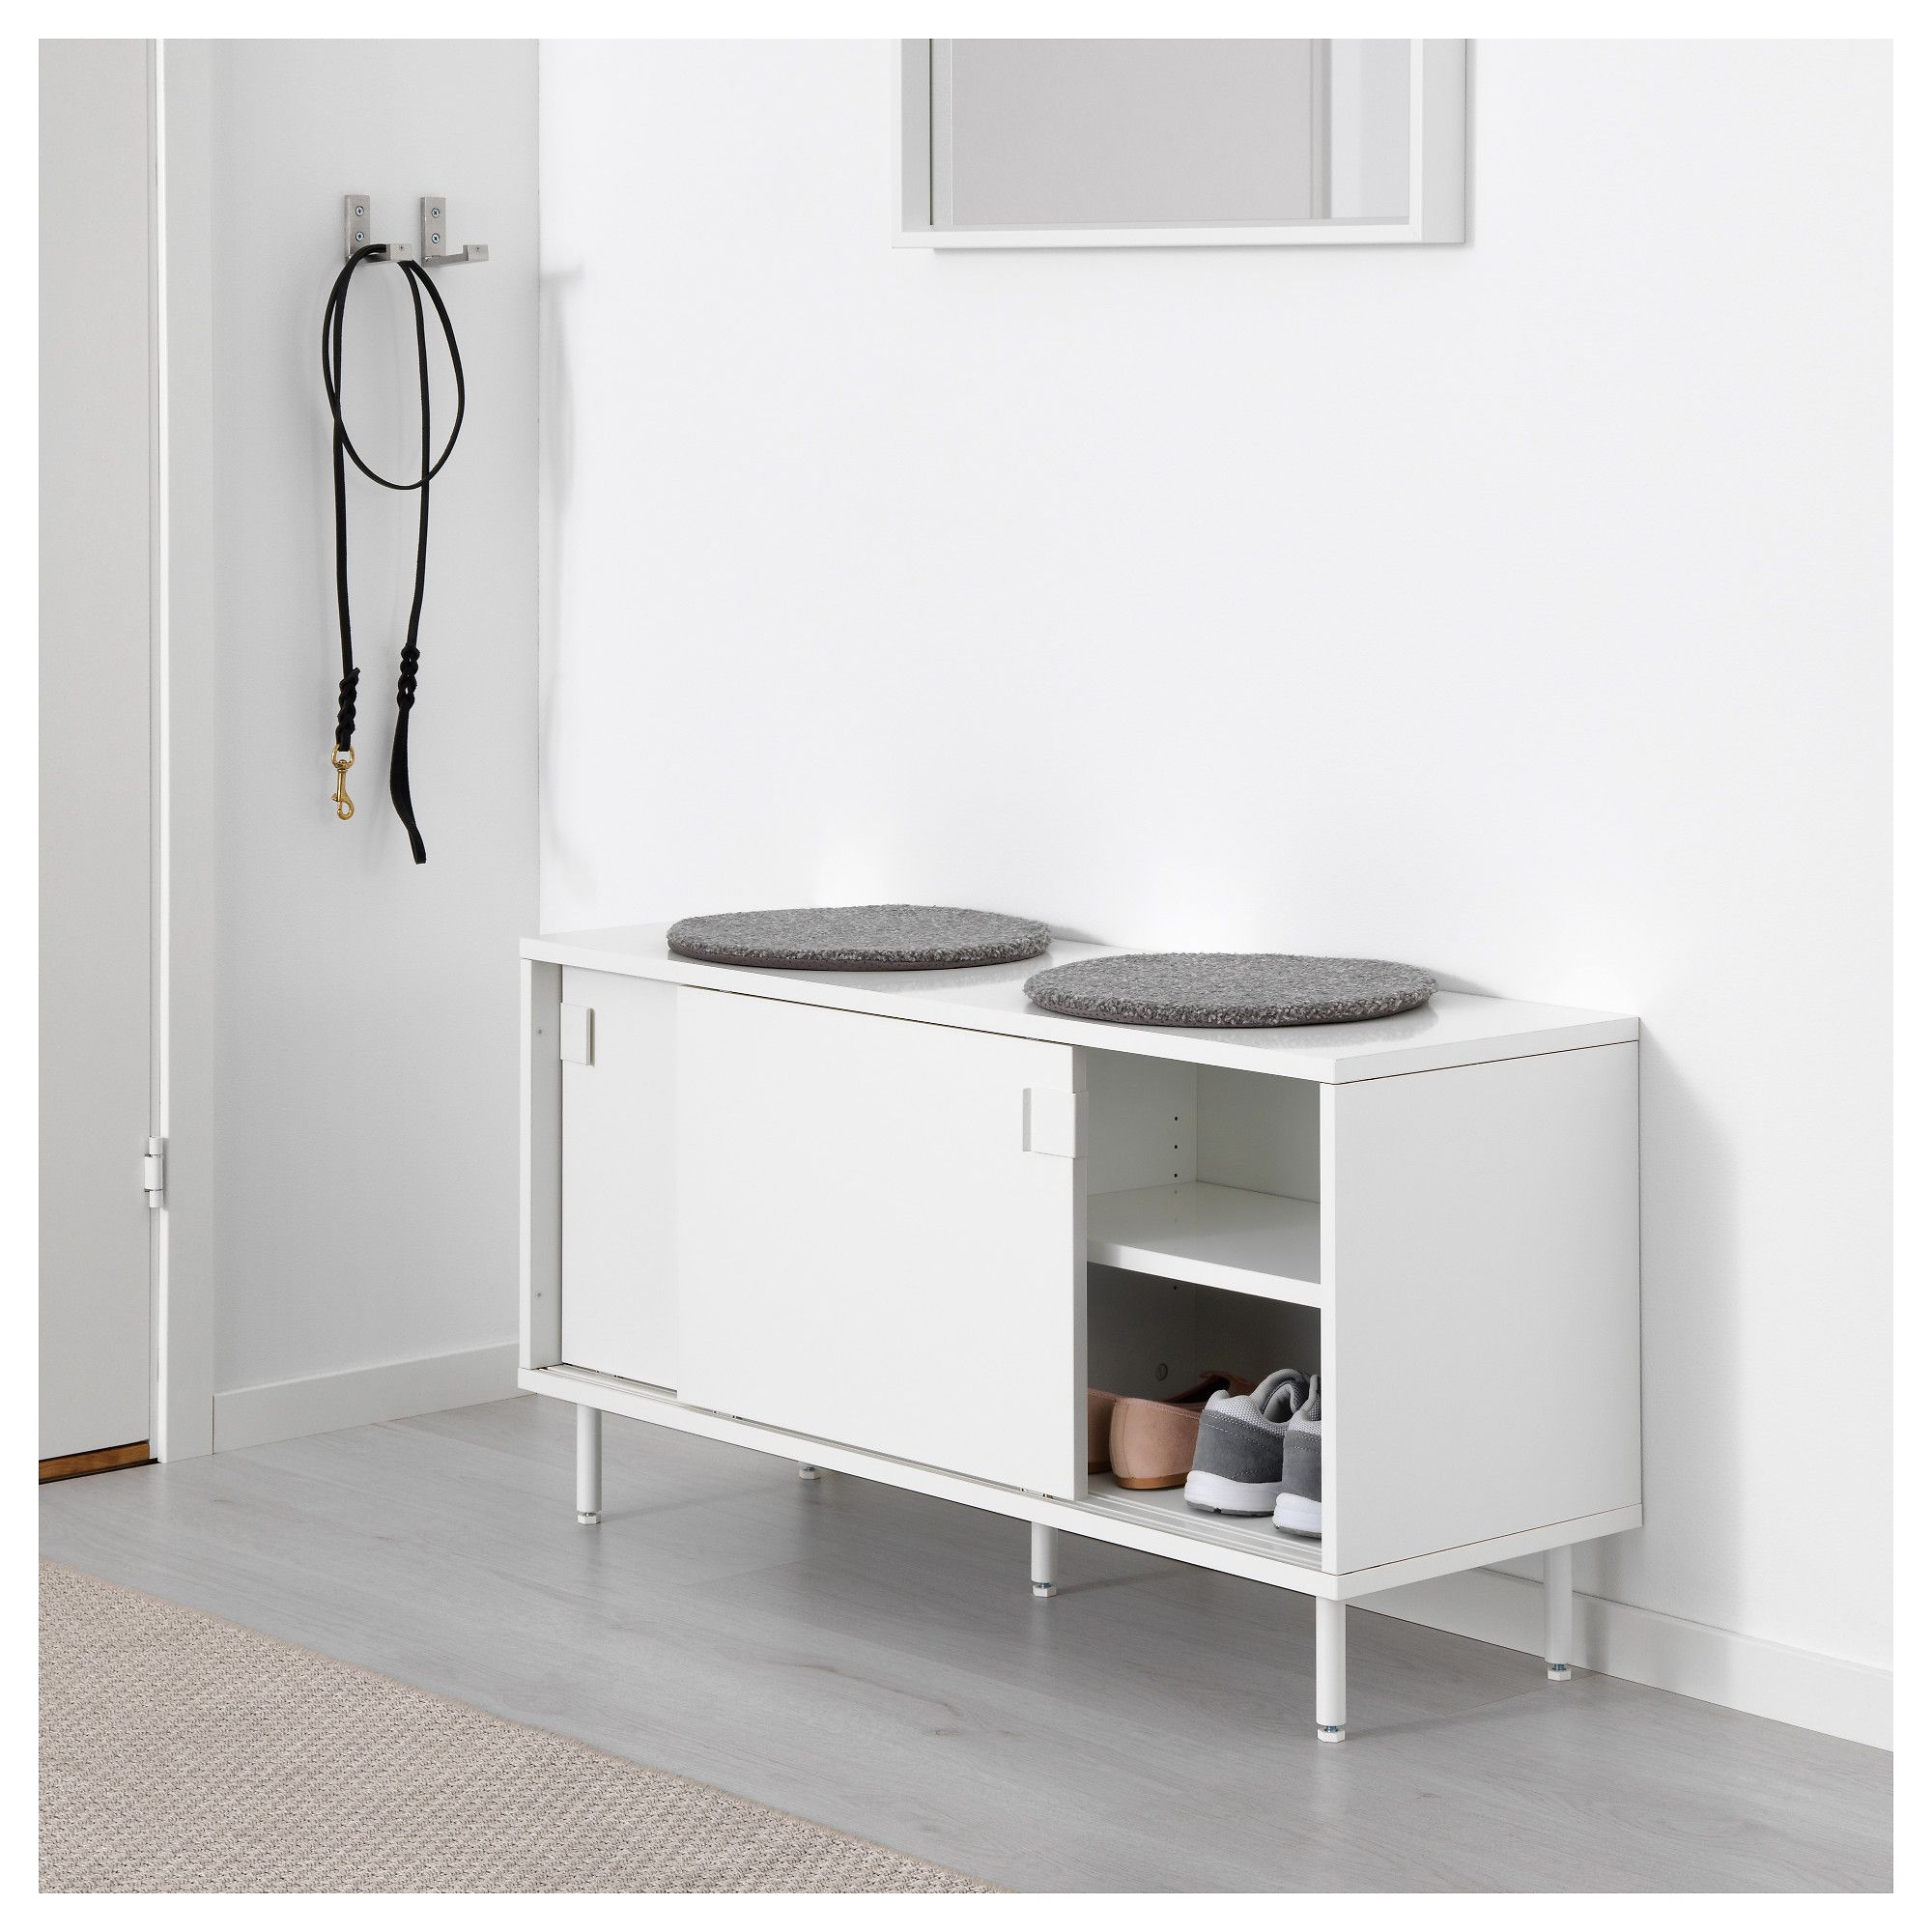 Mackapar Storage Unit White 39 3 8x20 1 8 Ikea Storage Solutions Bench With Storage Ikea Storage